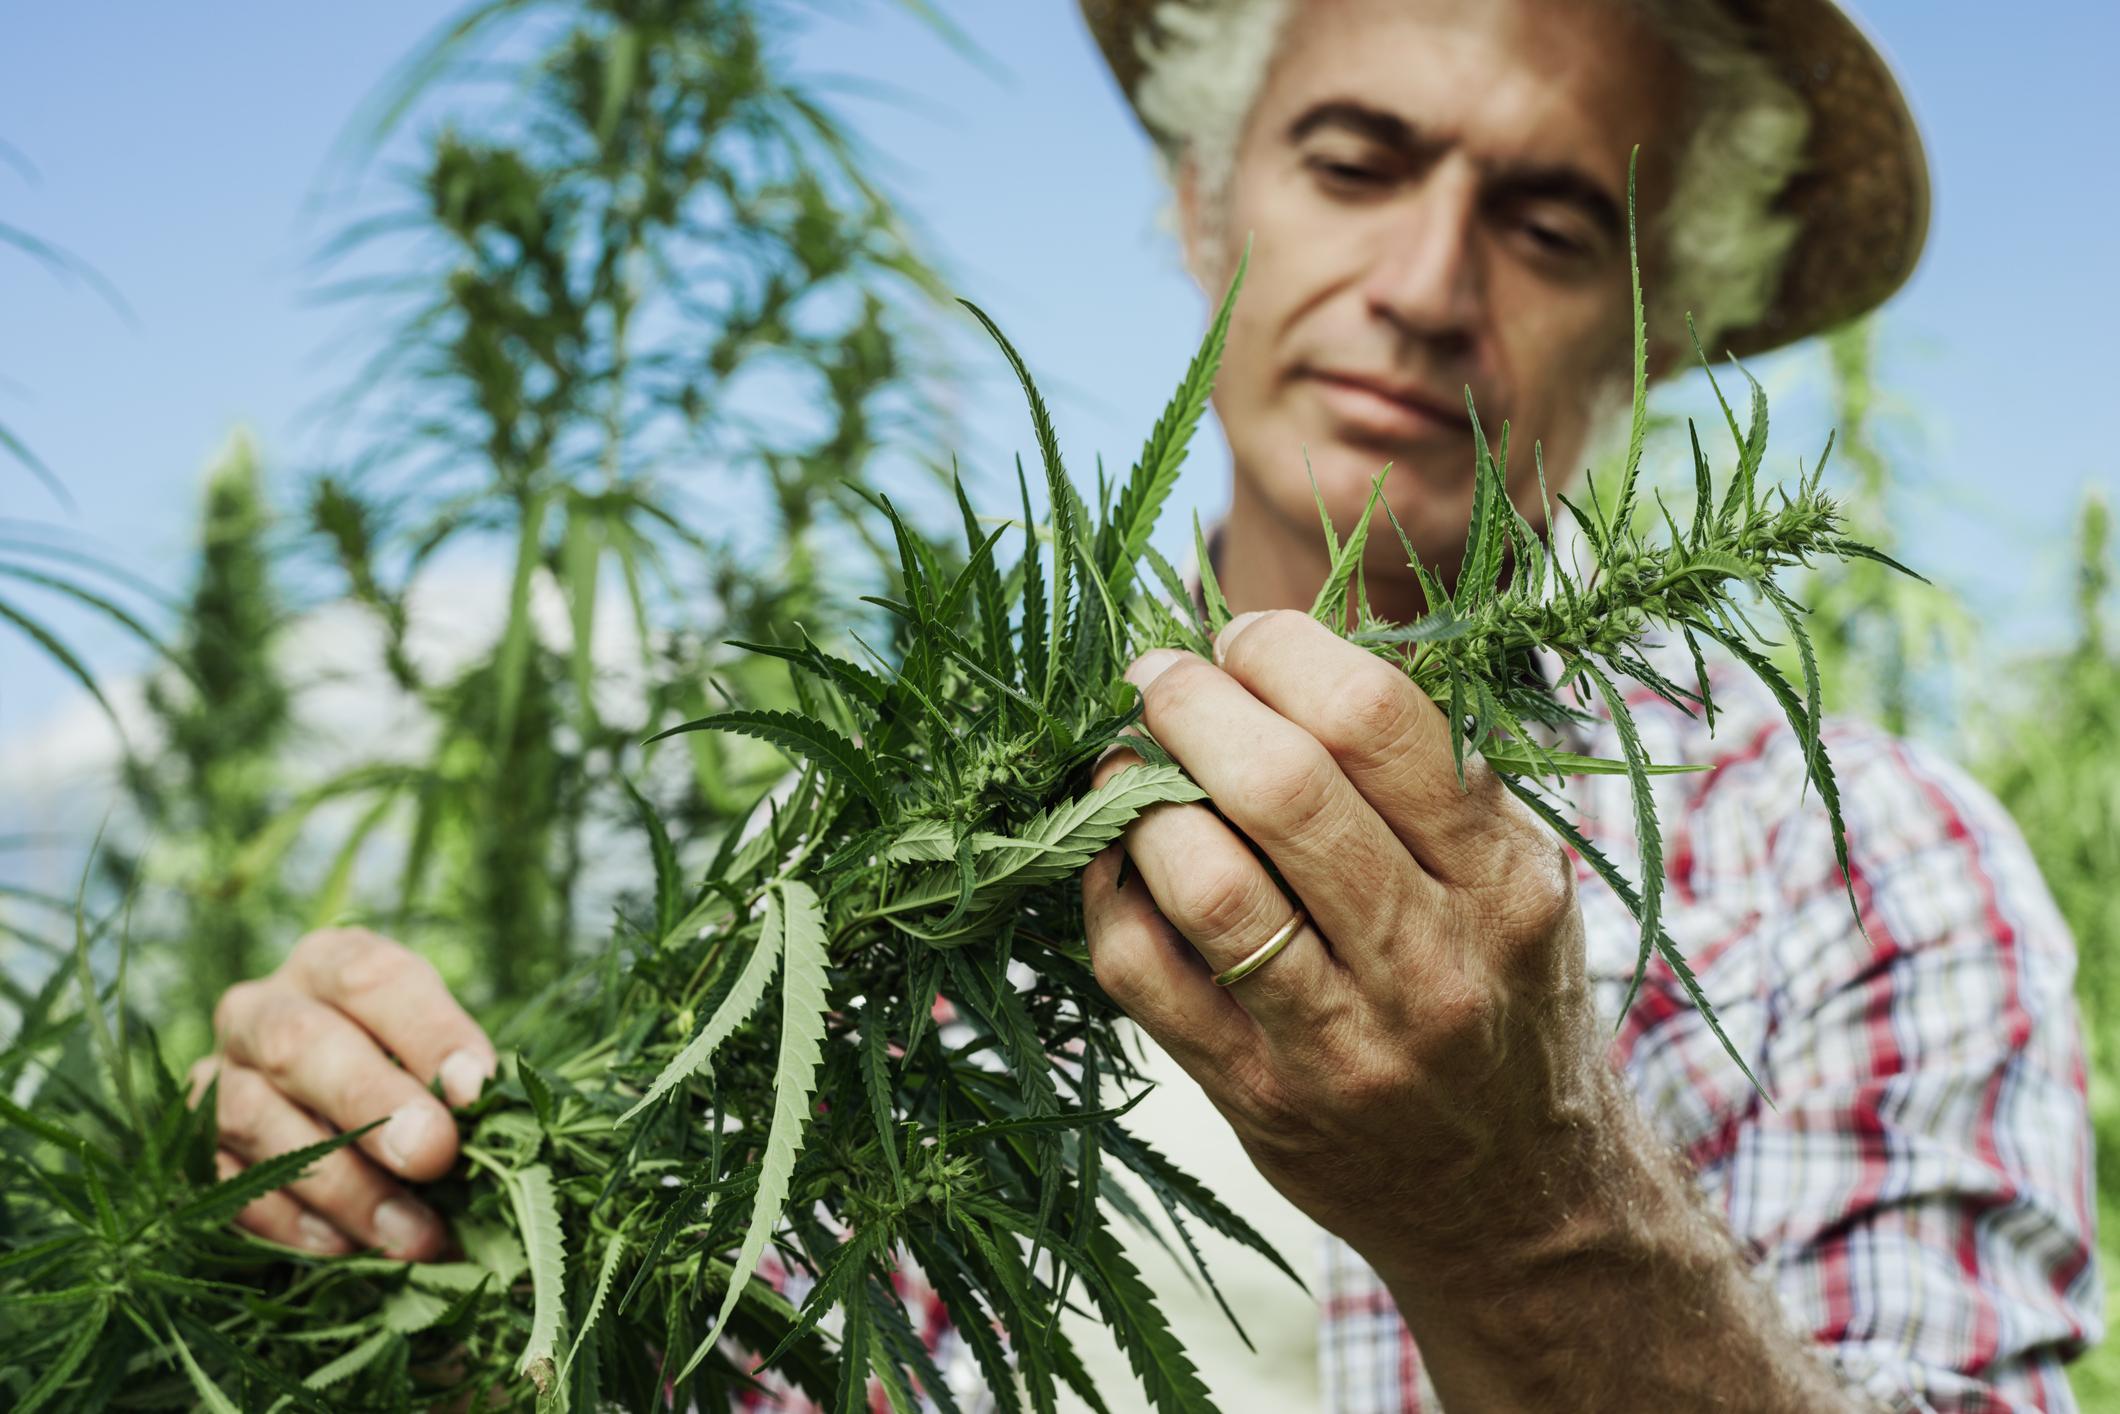 A hemp farmer pruning a plant.